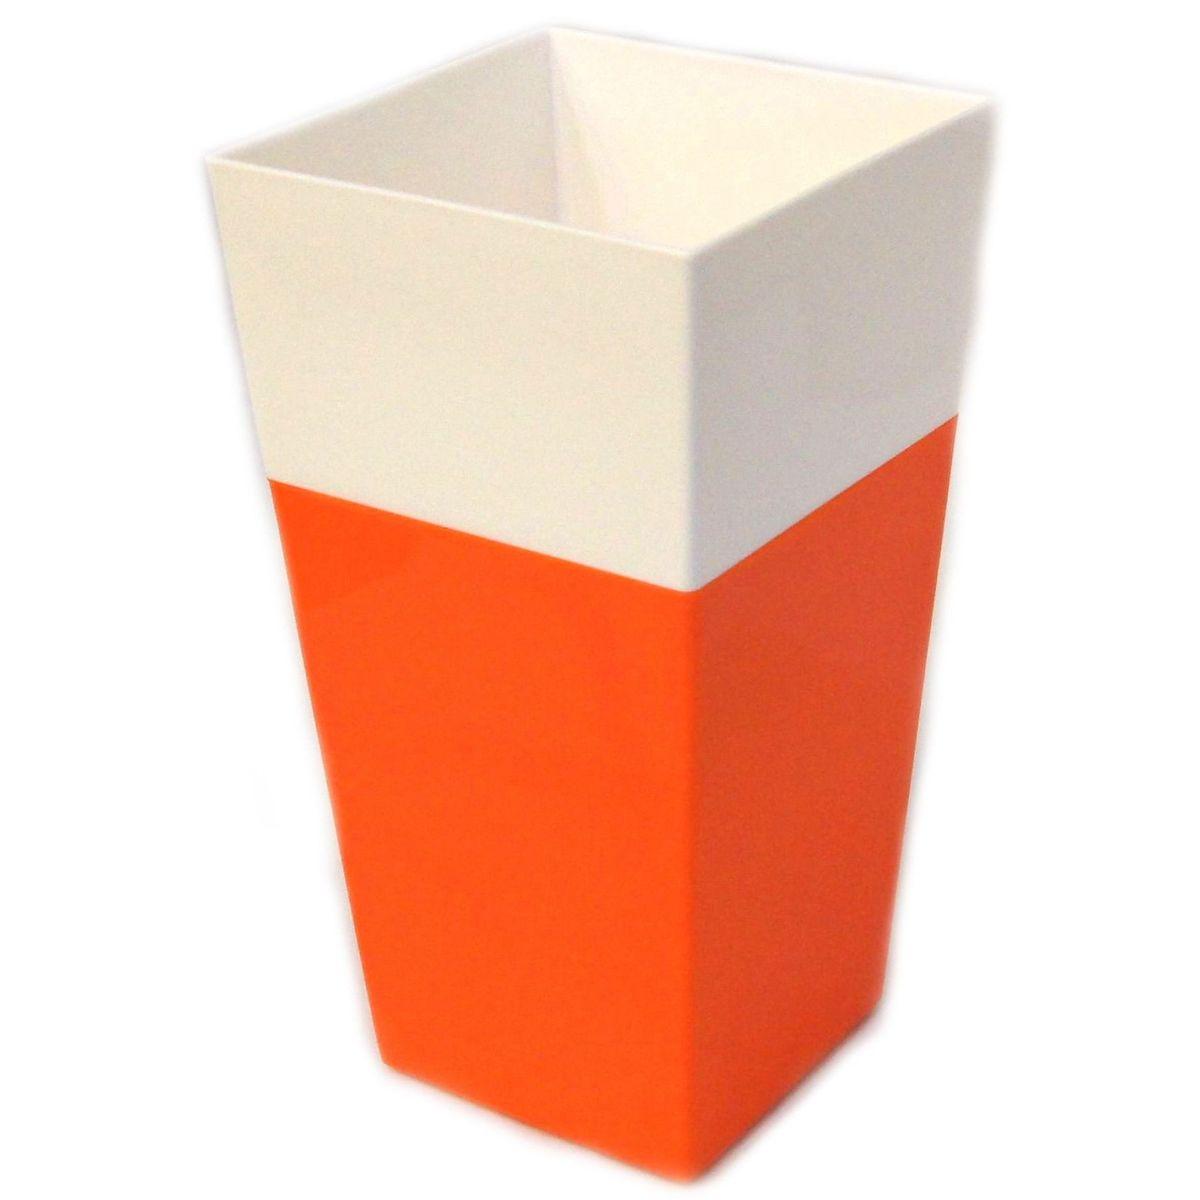 Кашпо JetPlast Дуэт, цвет: оранжевый, белый, высота 34 см4612754052646Кашпо имеет строгий дизайн и состоит из двух частей: верхней части для цветка и нижней – поддона. Конструкция горшка позволяет, при желании, использовать систему фитильного полива, снабдив горшок веревкой. Оно изготовлено из прочного полипропилена (пластика). Размеры кашпо: 18 х 18 х 34 см.